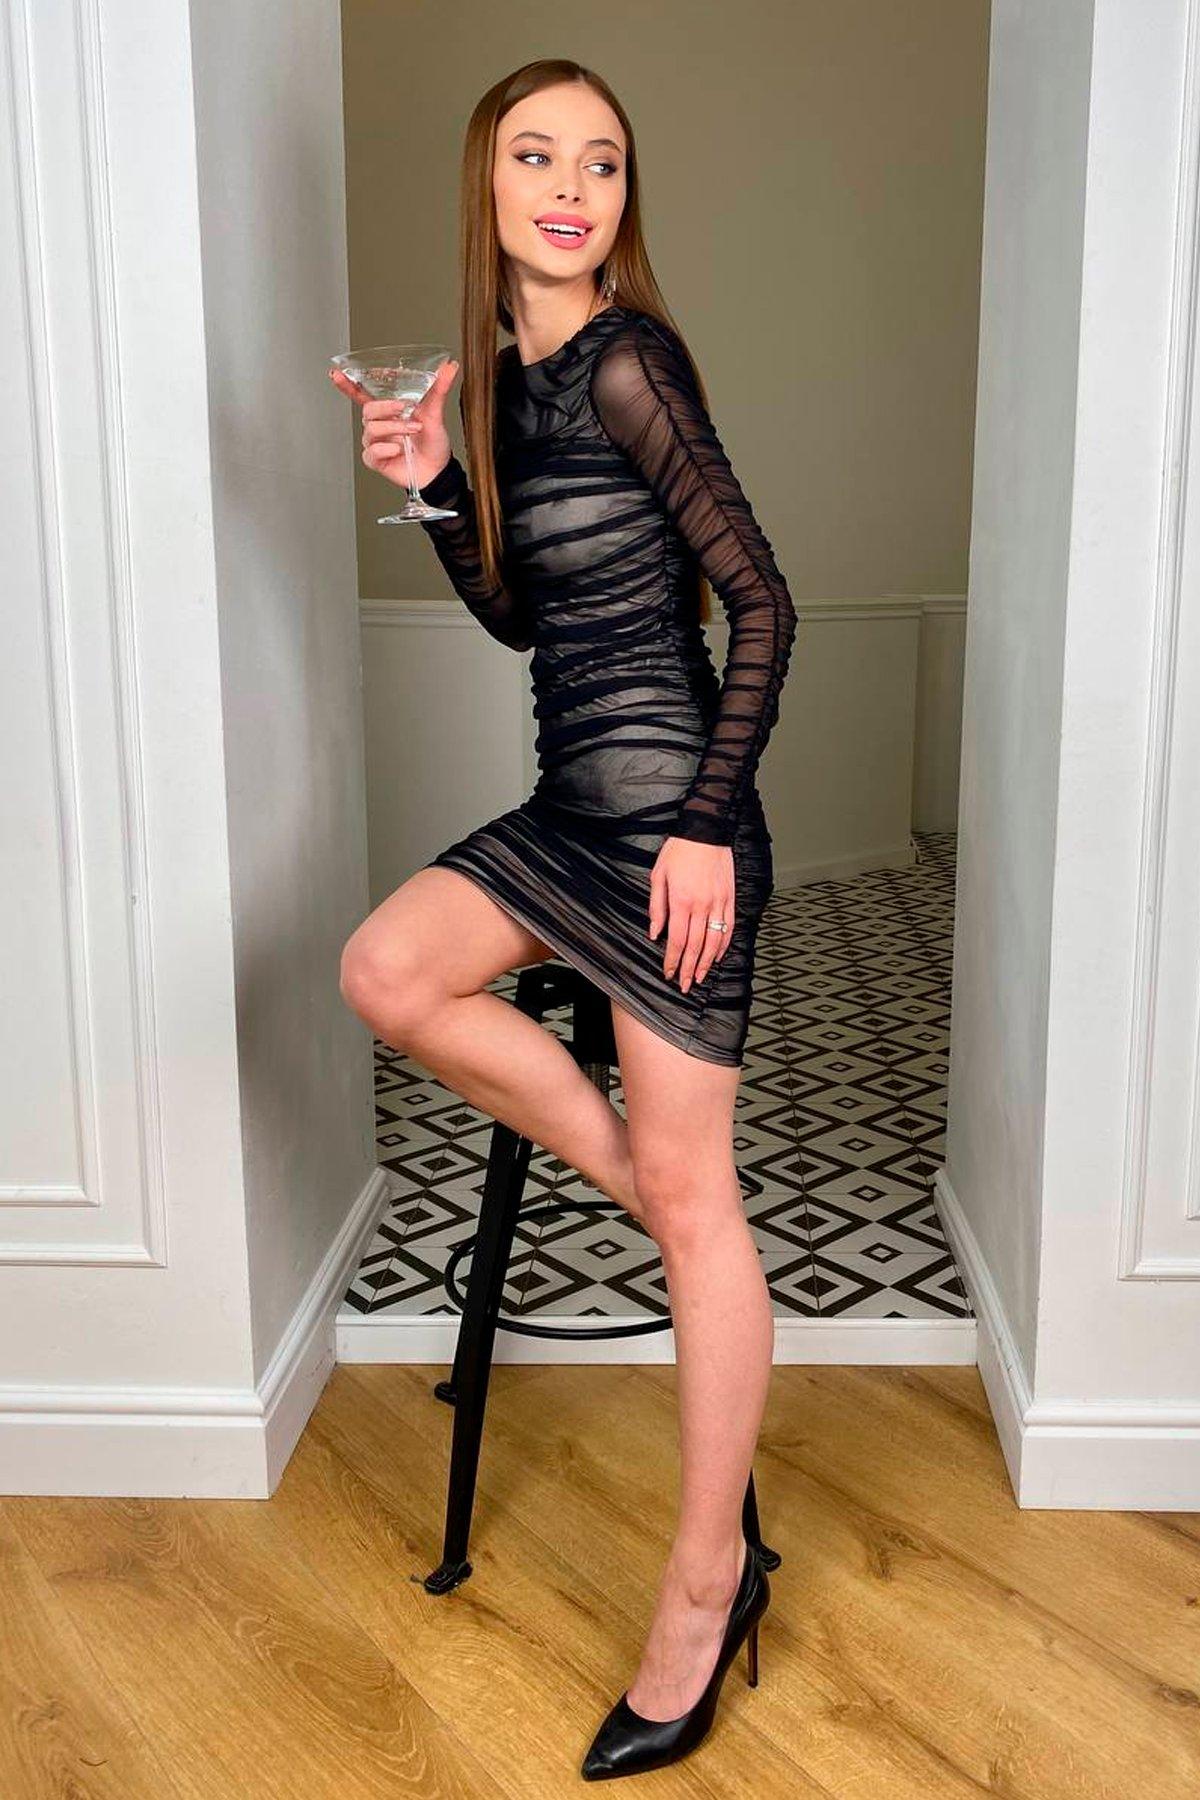 Облегающее платье Викси 8870 АРТ. 45201 Цвет: Черный/бежевый - фото 5, интернет магазин tm-modus.ru